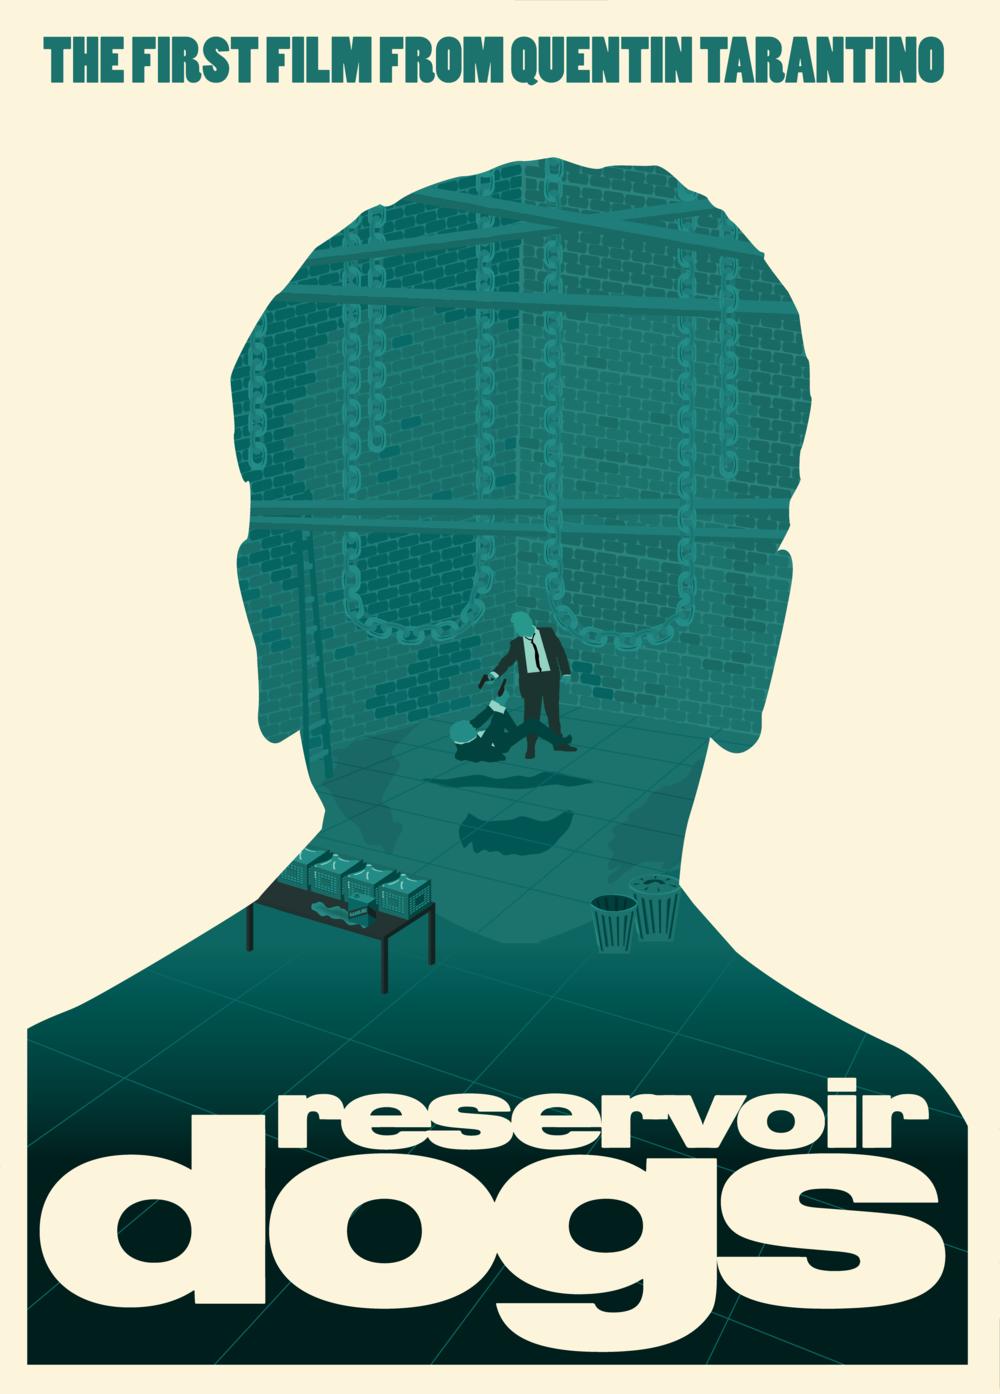 Reservoir Dogs2 Bigger Bricks-02.png